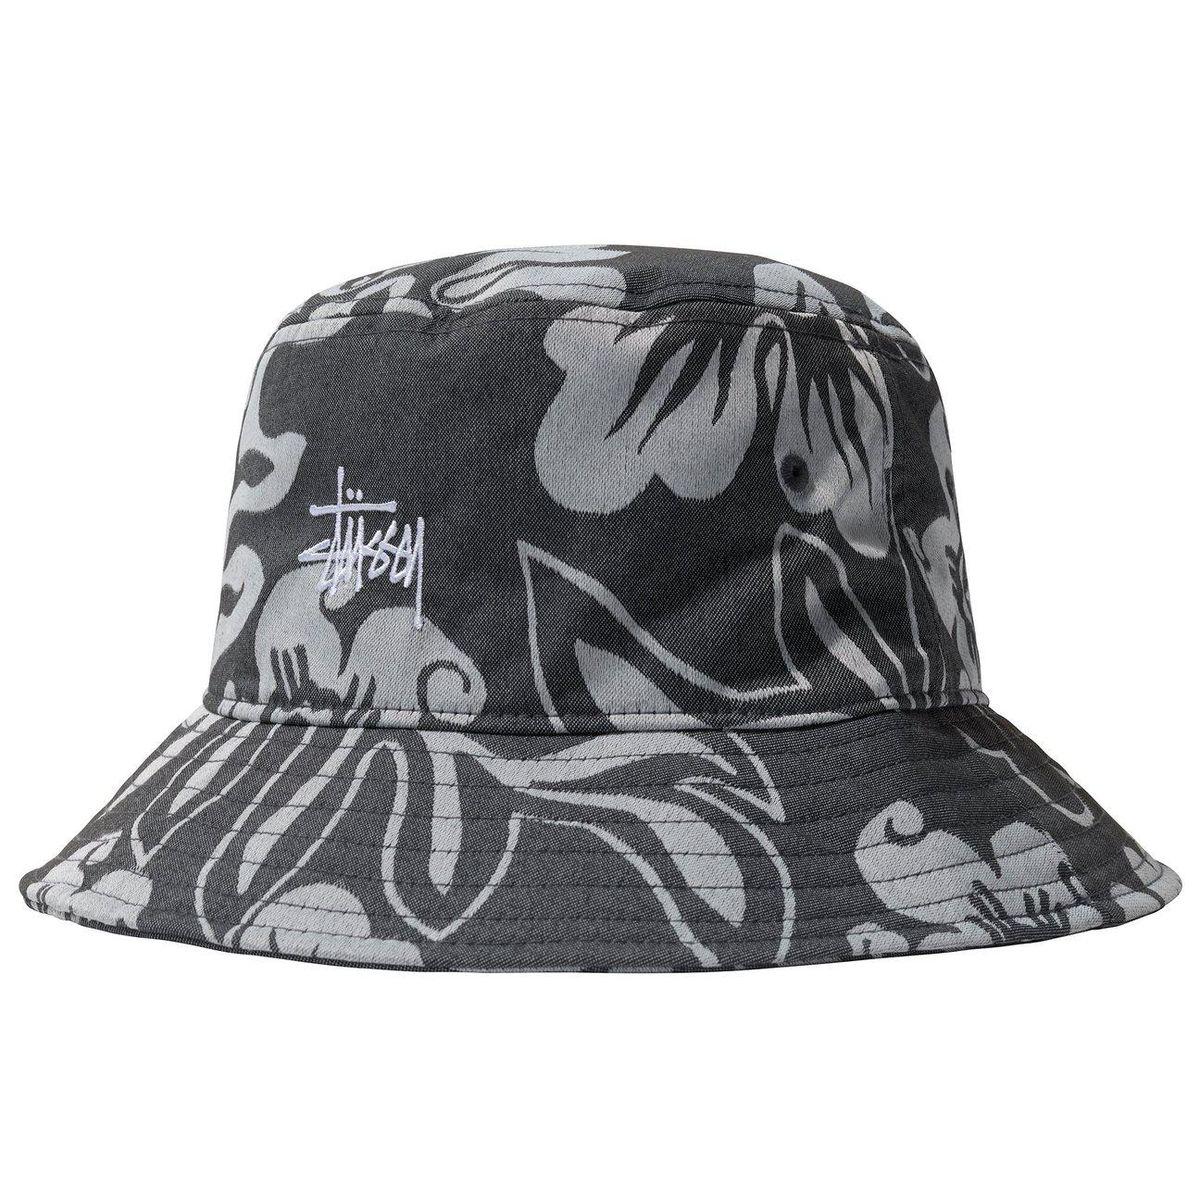 Nylon Hawaiian Bucket Hat